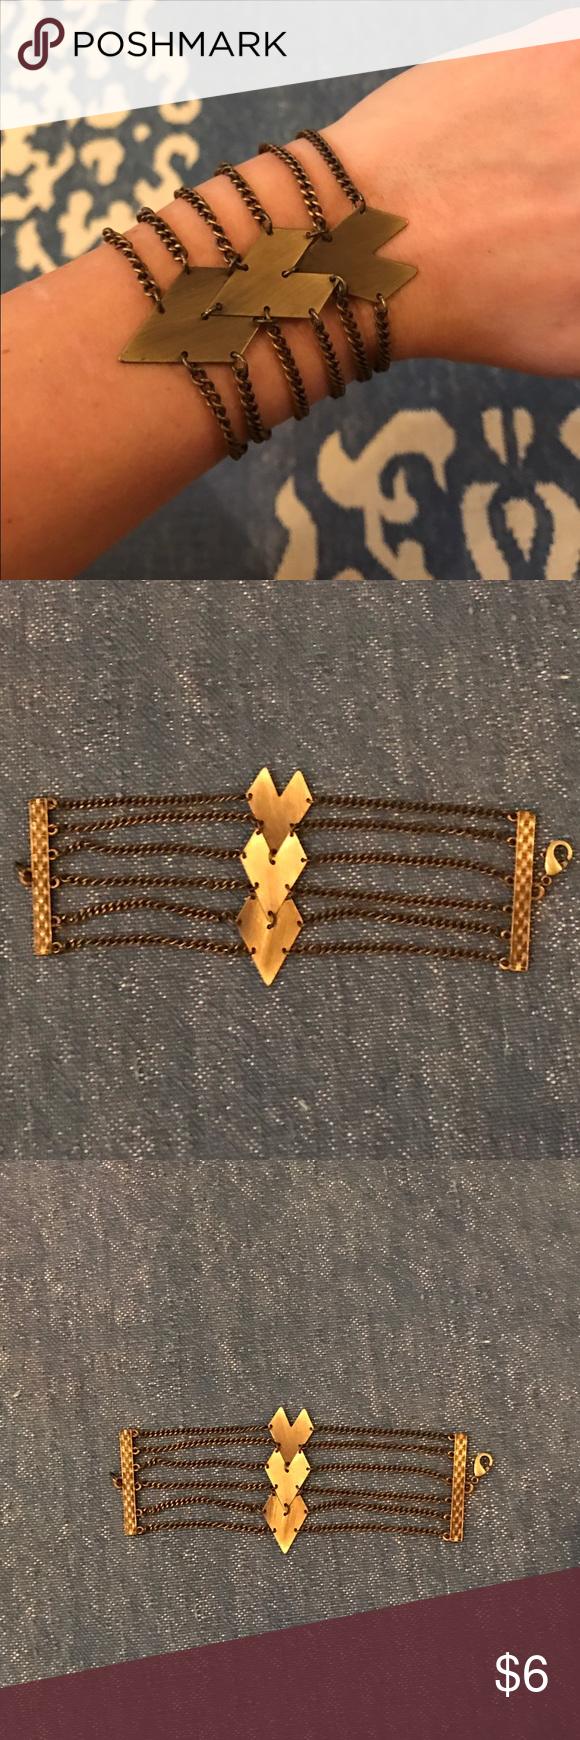 Gold Bracelet Gold bracelet. Don't remember where I bought it. Jewelry Bracelets